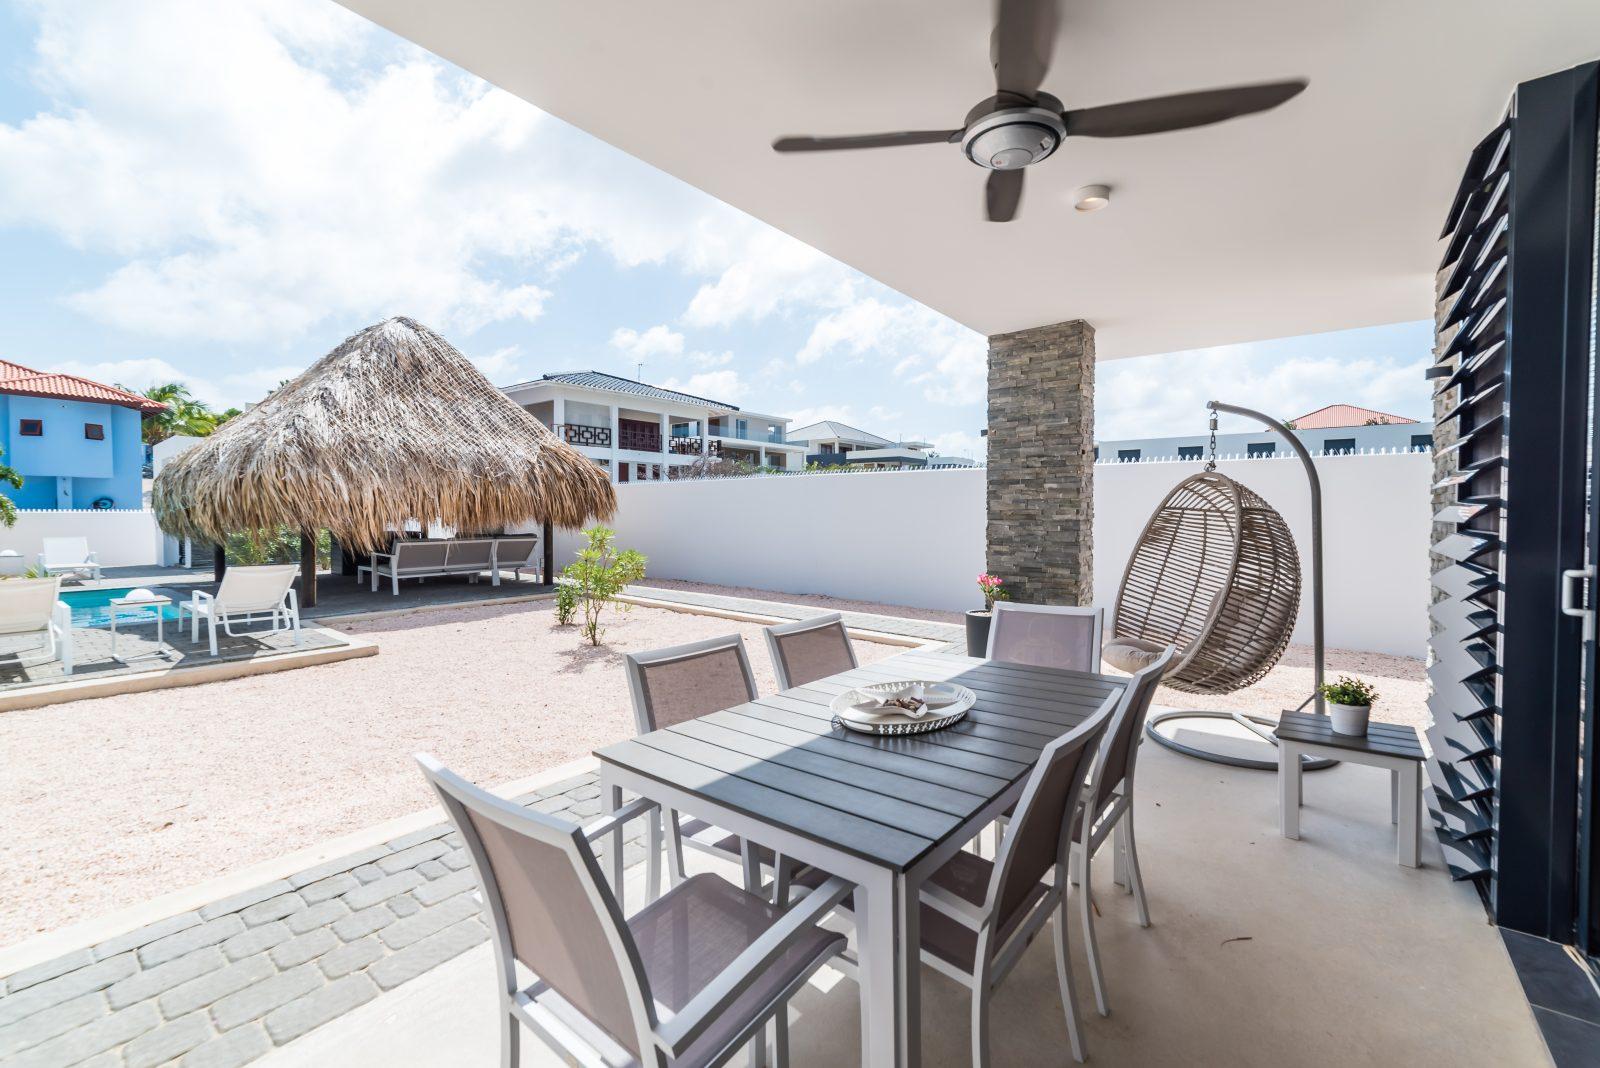 hasta terras 4 - Curacao - Indigo